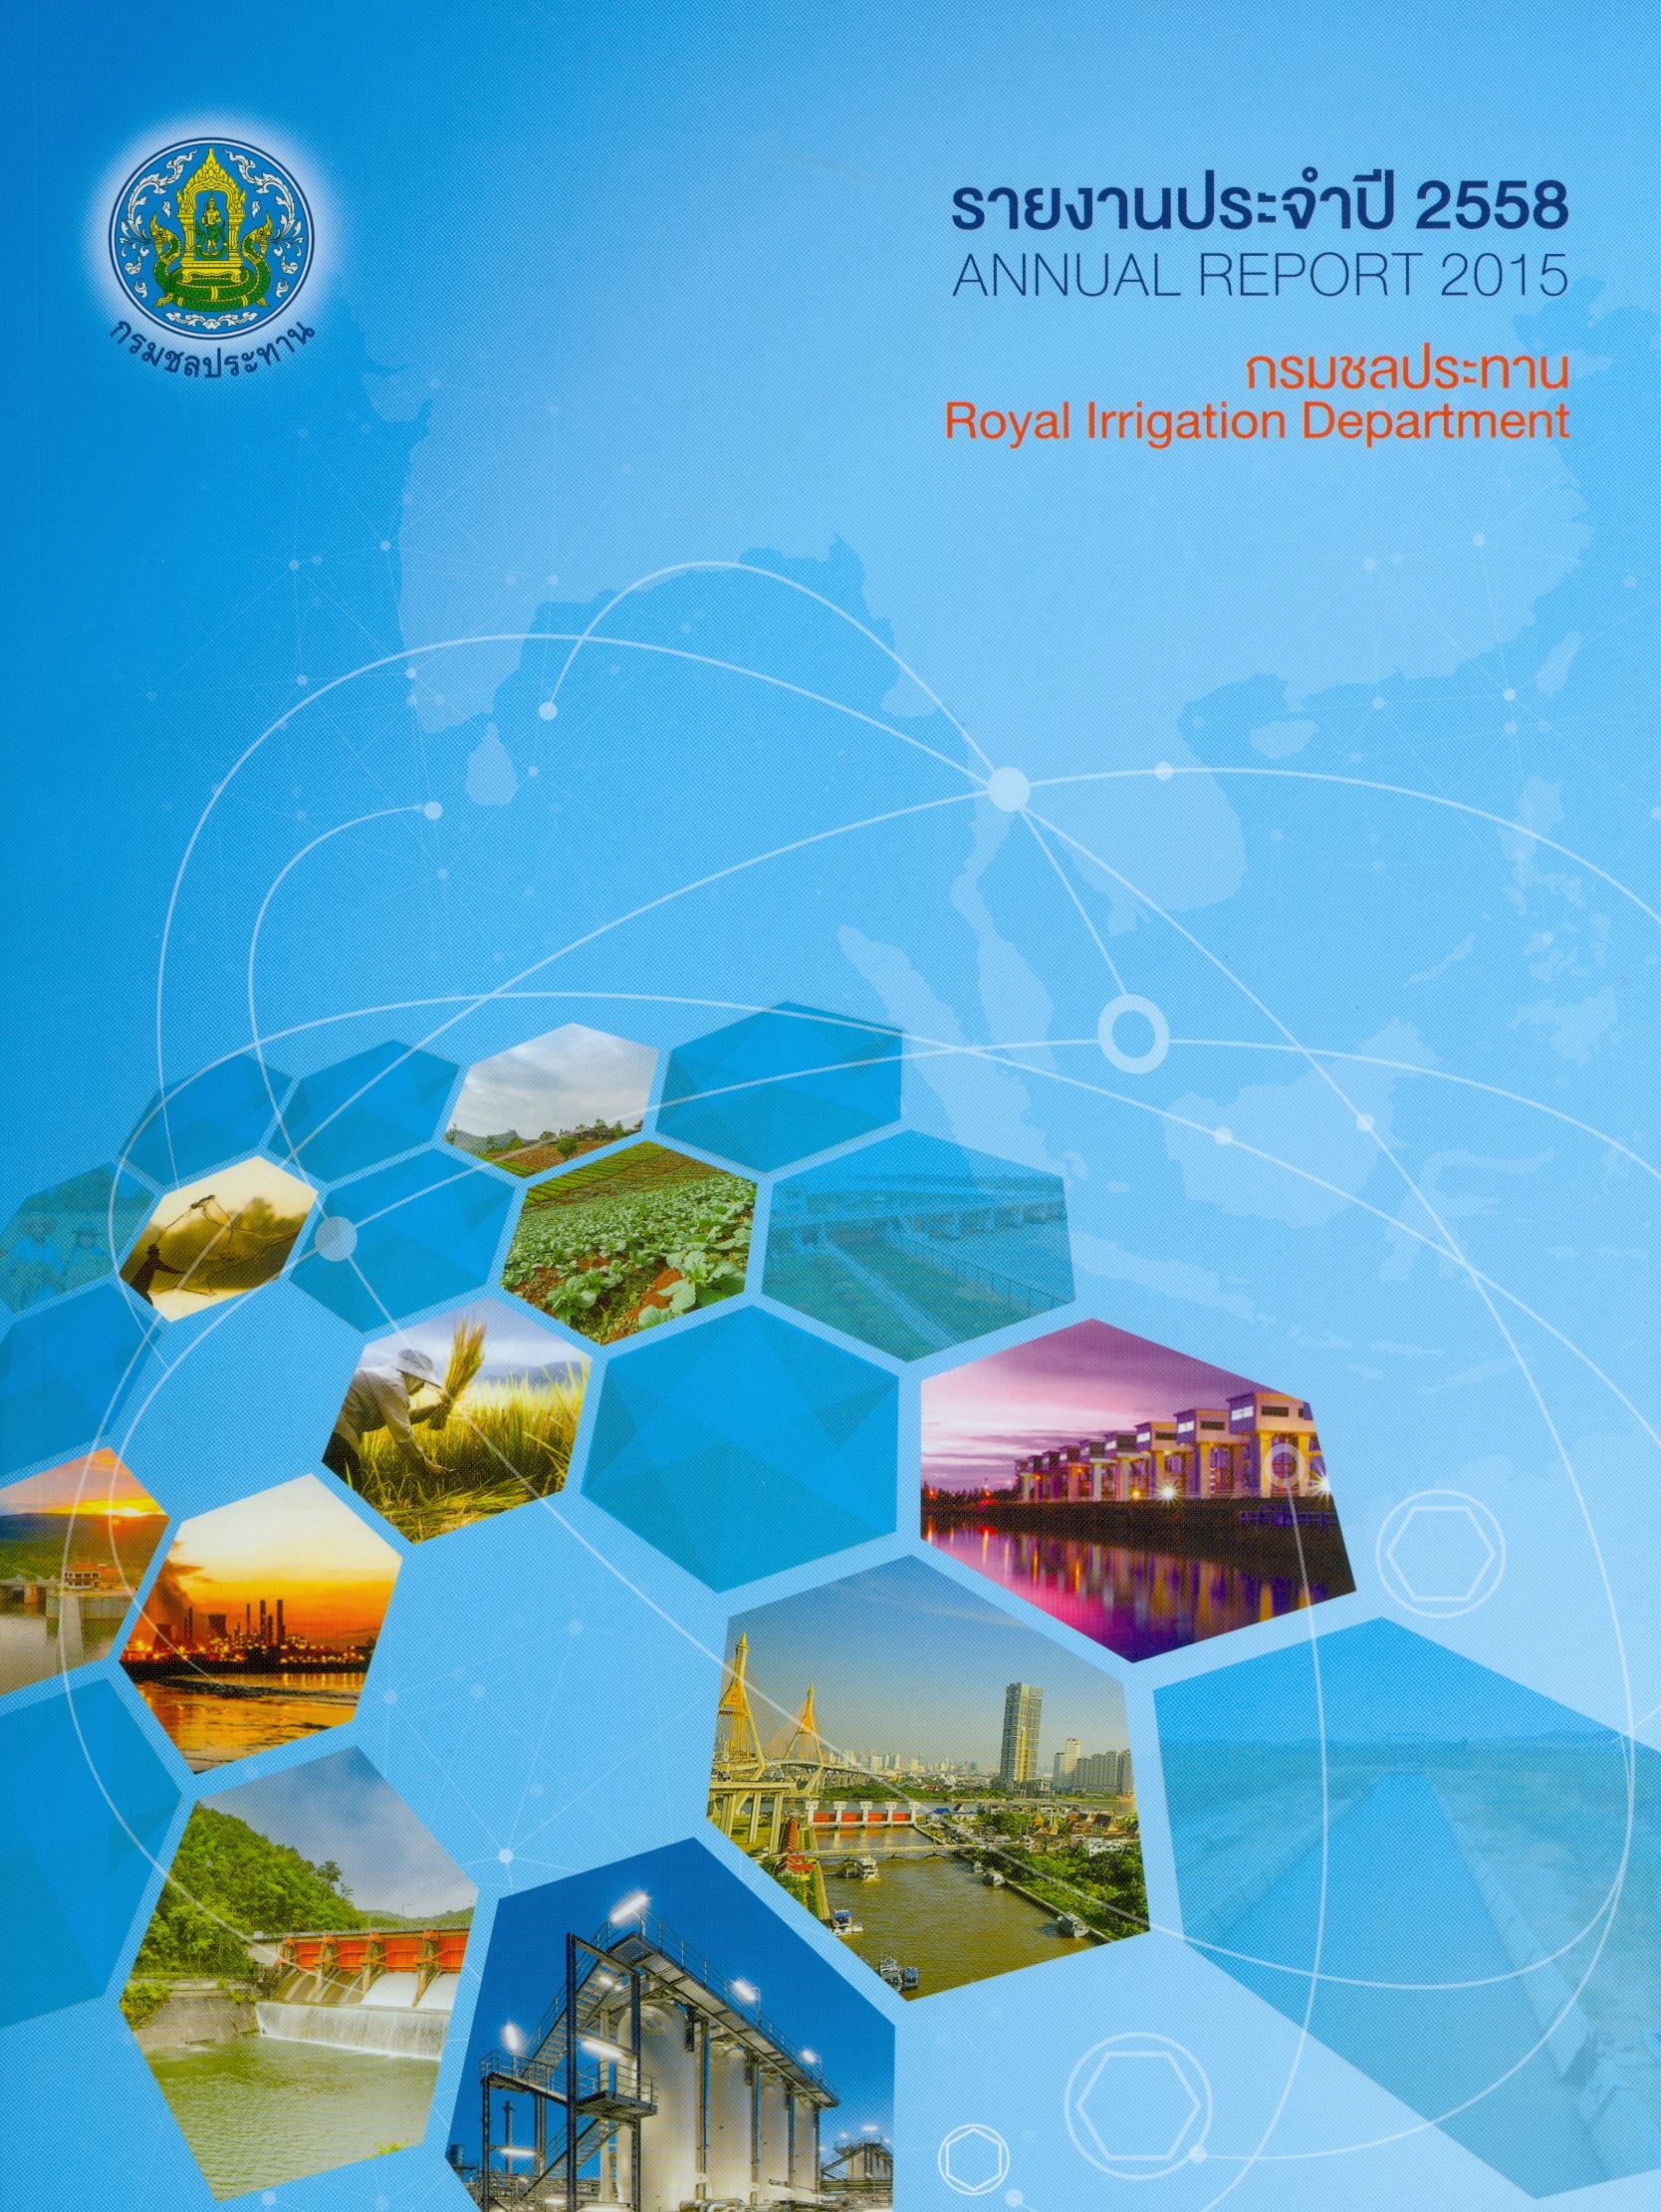 รายงานประจำปี 2558 กรมชลประทาน /กรมชลประทาน||Annual report 2015 Royal Irrigation Department|รายงานประจำปี...กรมชลประทาน